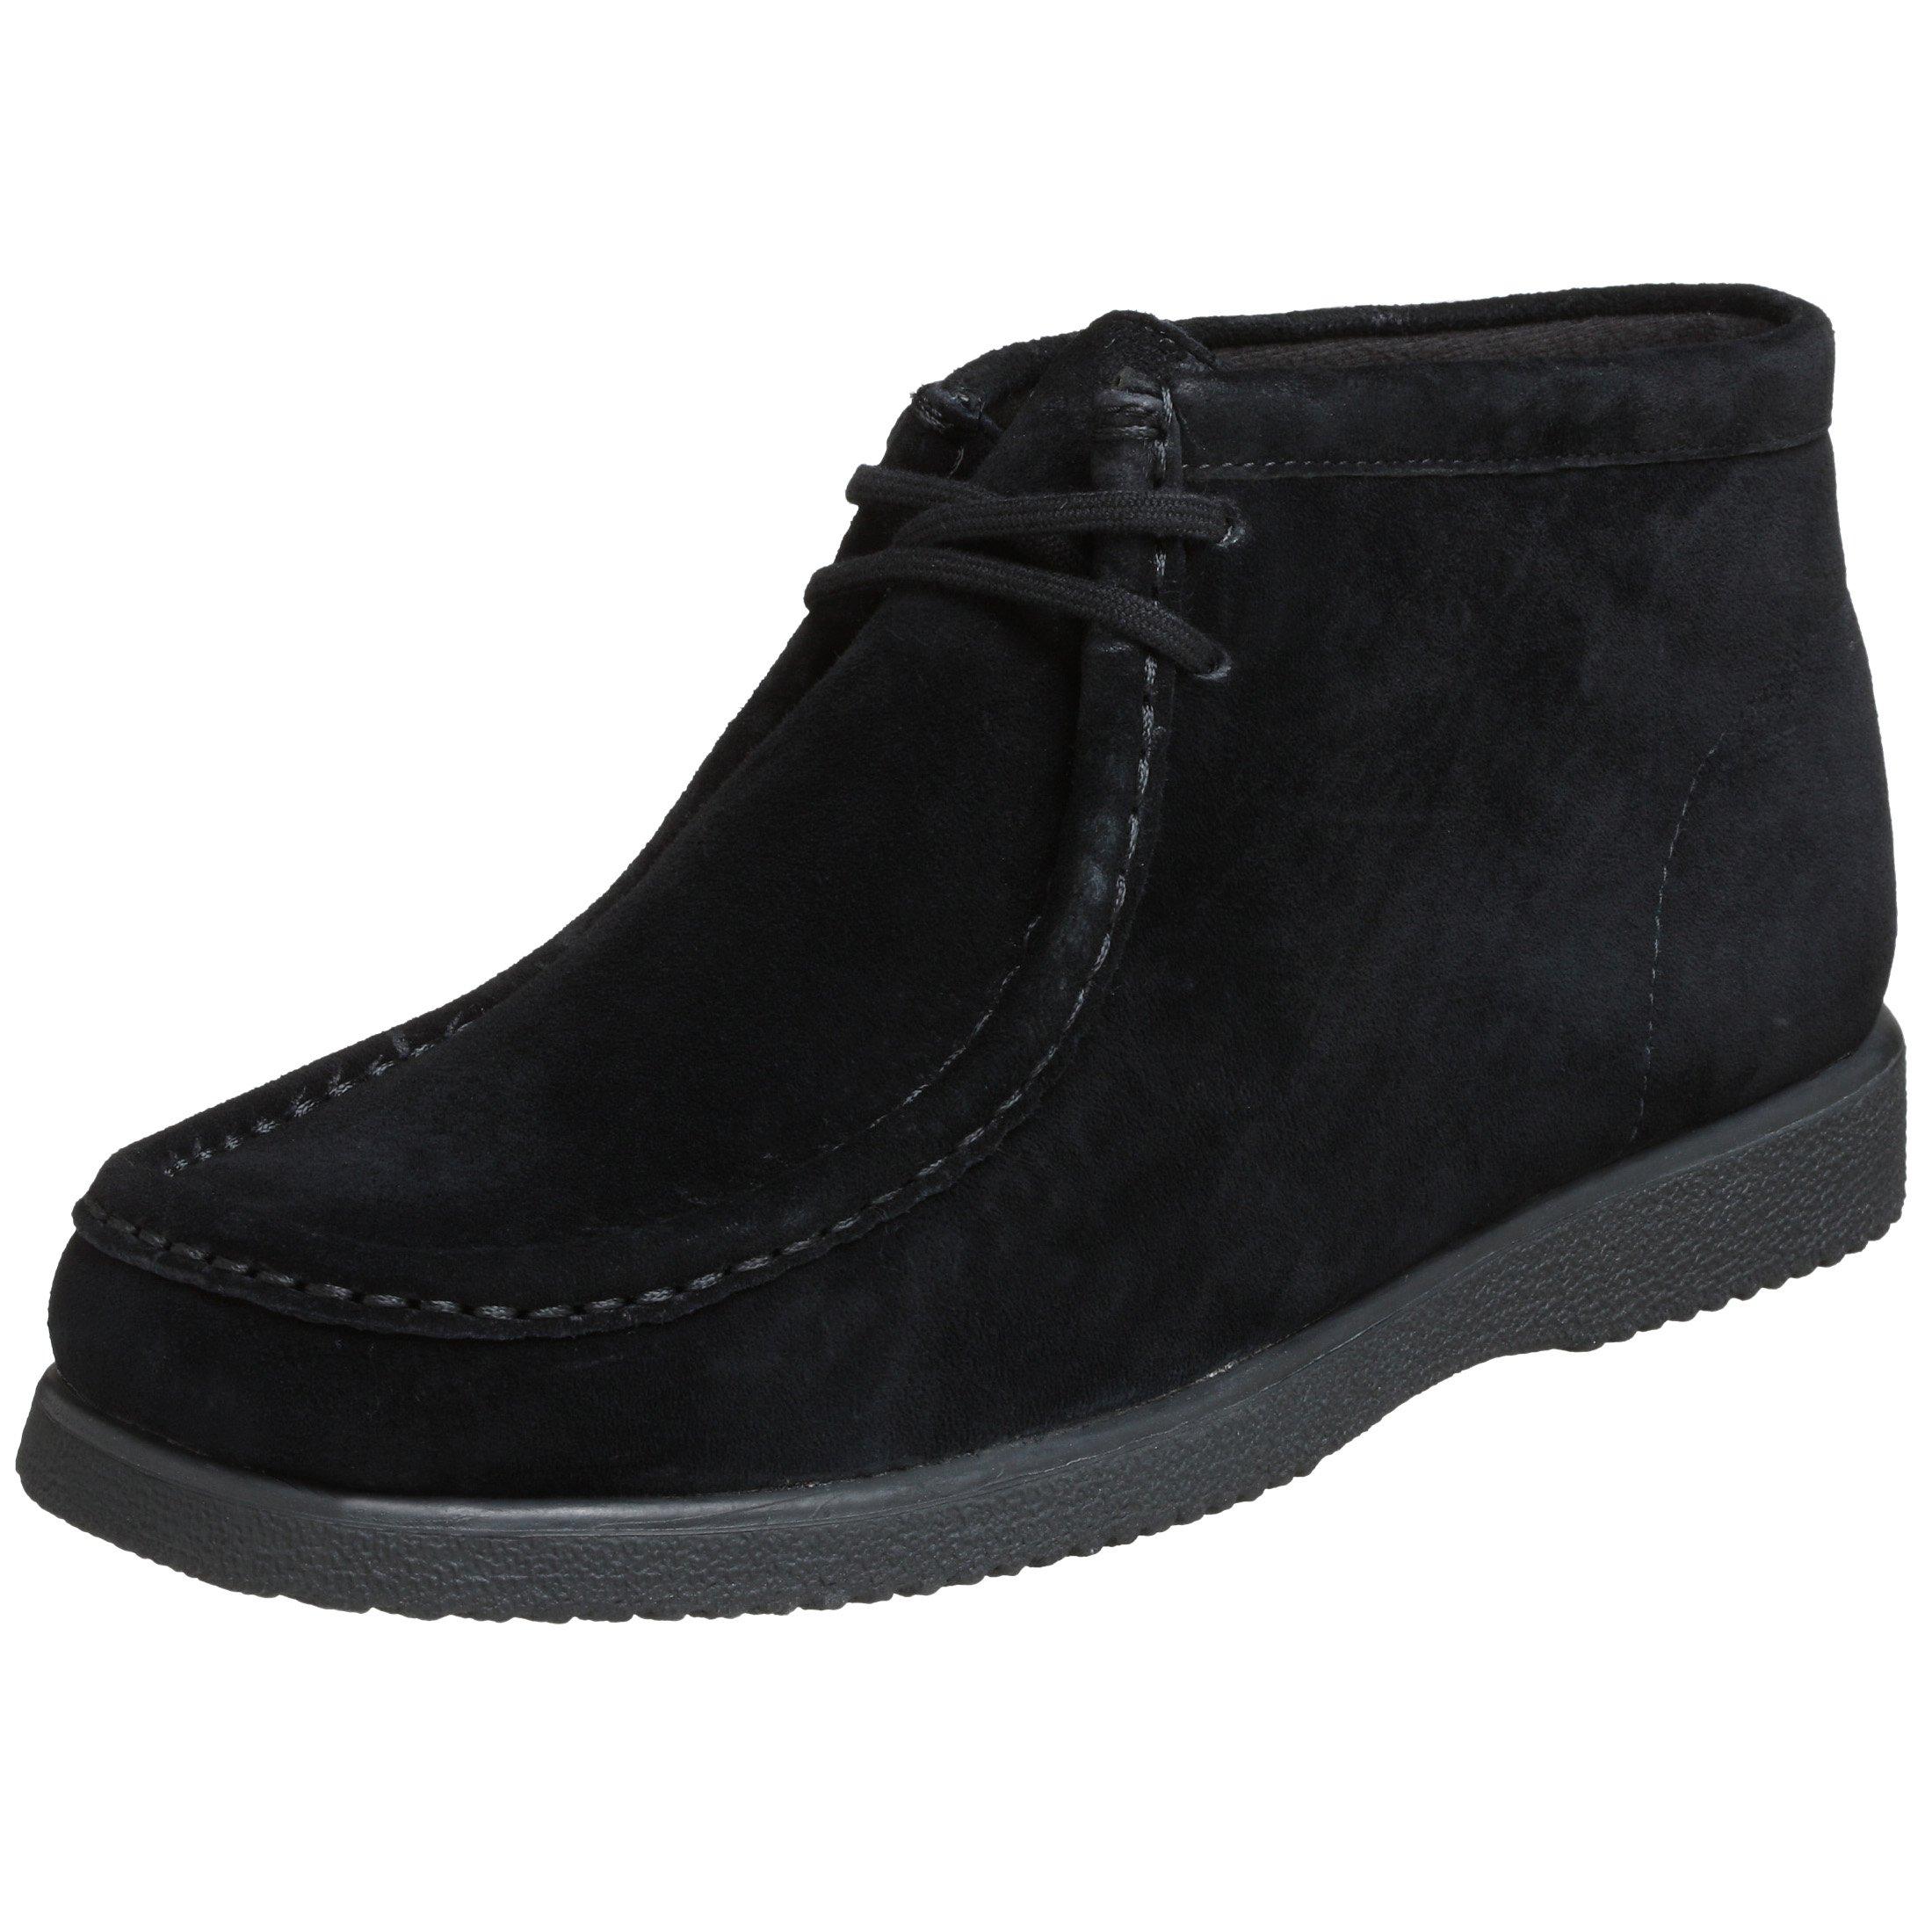 Hush Puppies Men's Bridgeport Boot,Black Suede,9 M US